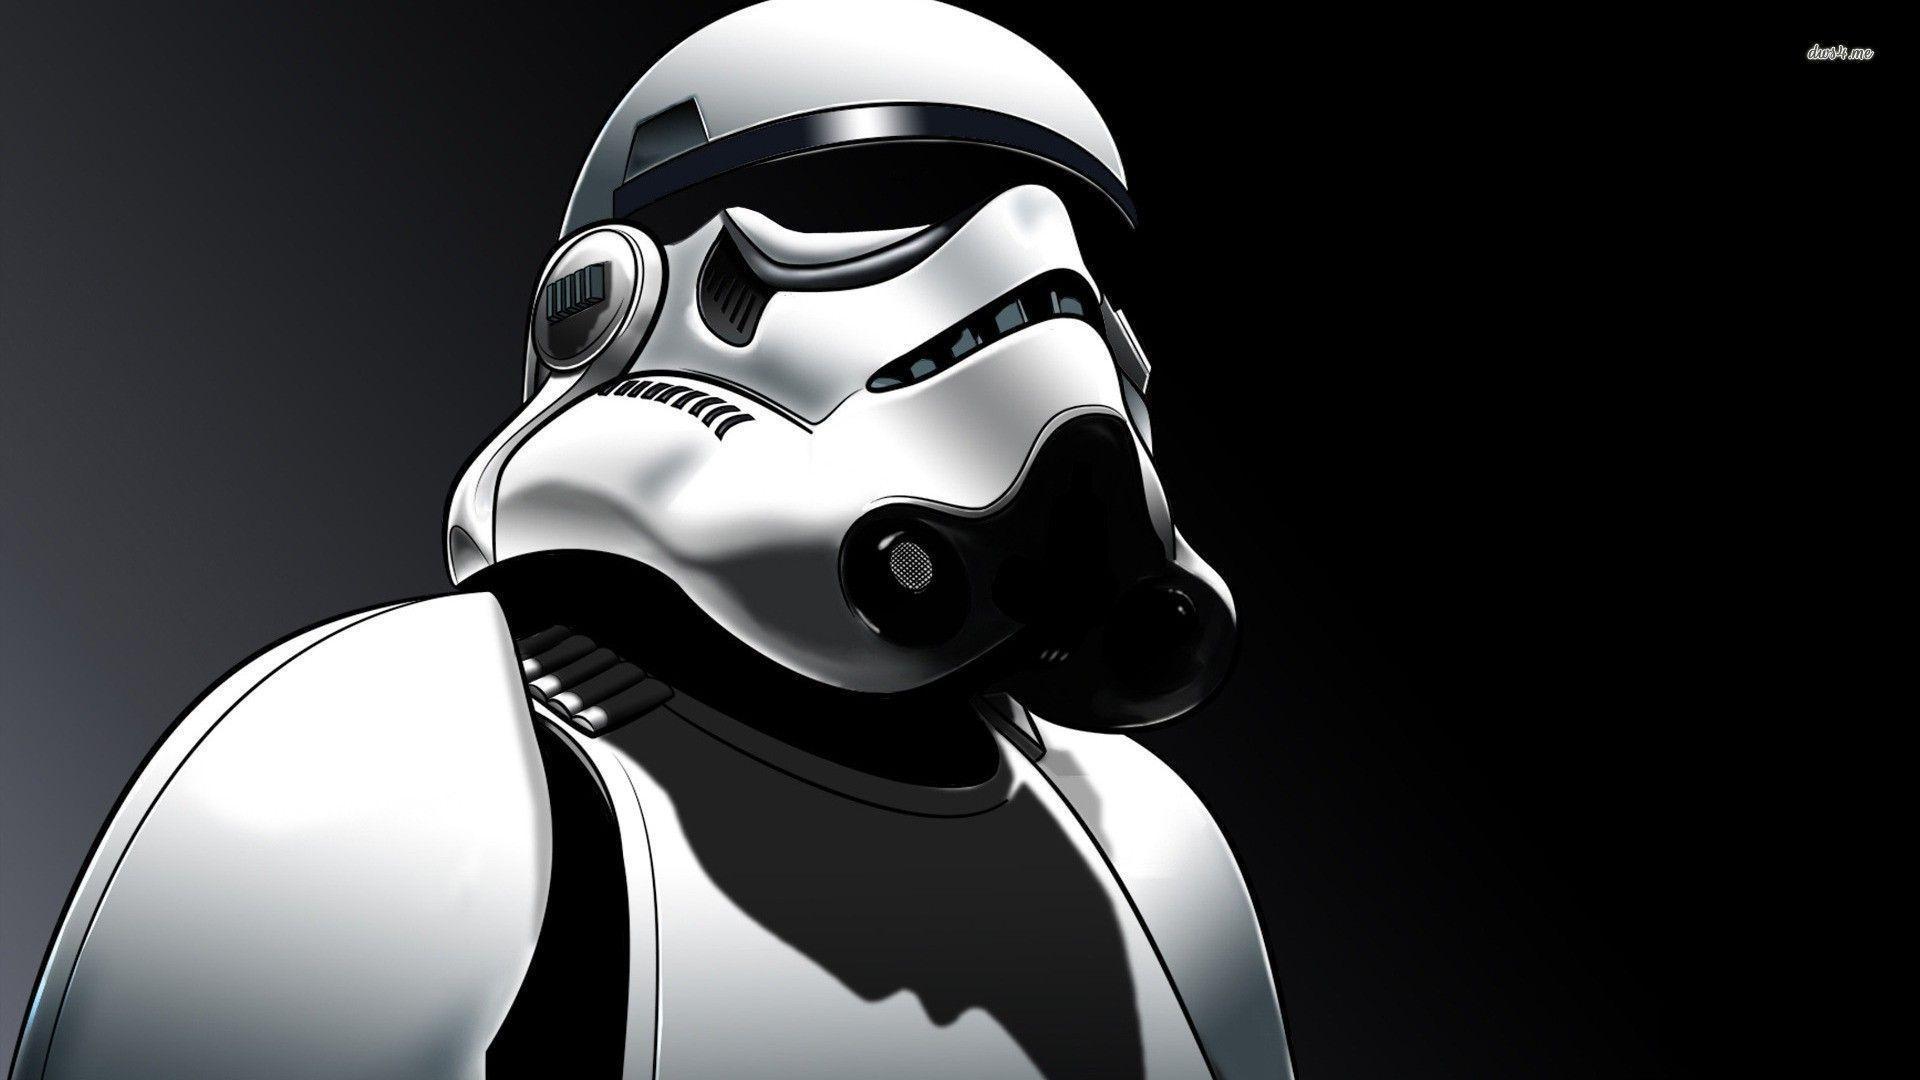 Storm Trooper Wallpaper - WallpaperSafari